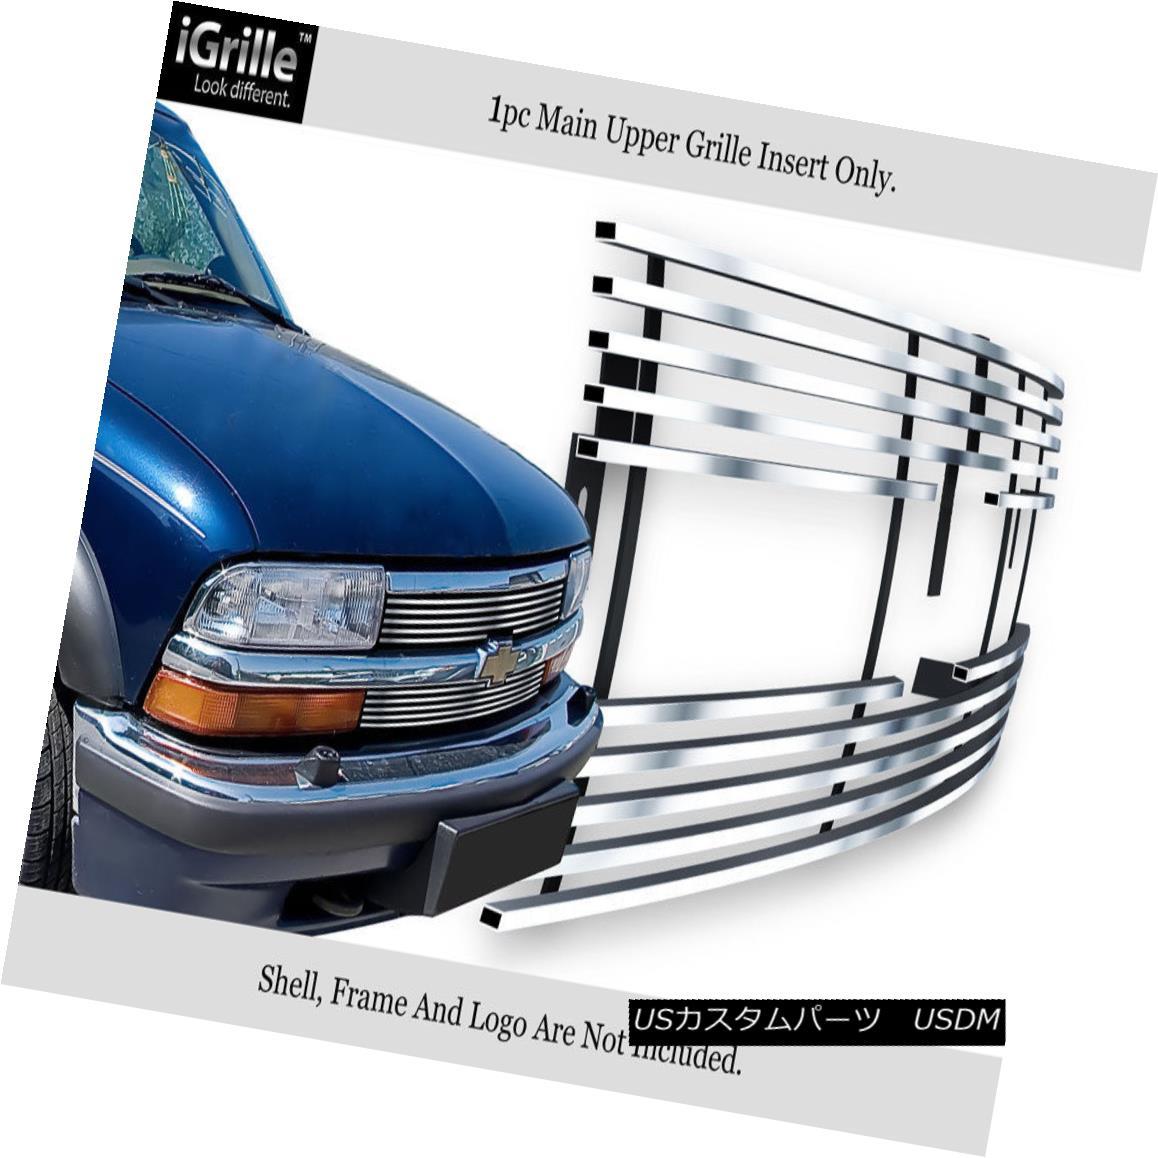 グリル Fits 98-04 Chevy S-10/Blazer Stainless Steel Billet Grille Insert フィット98-04 Chevy S-10 / Blazerステンレス鋼ビレットグリルインサート